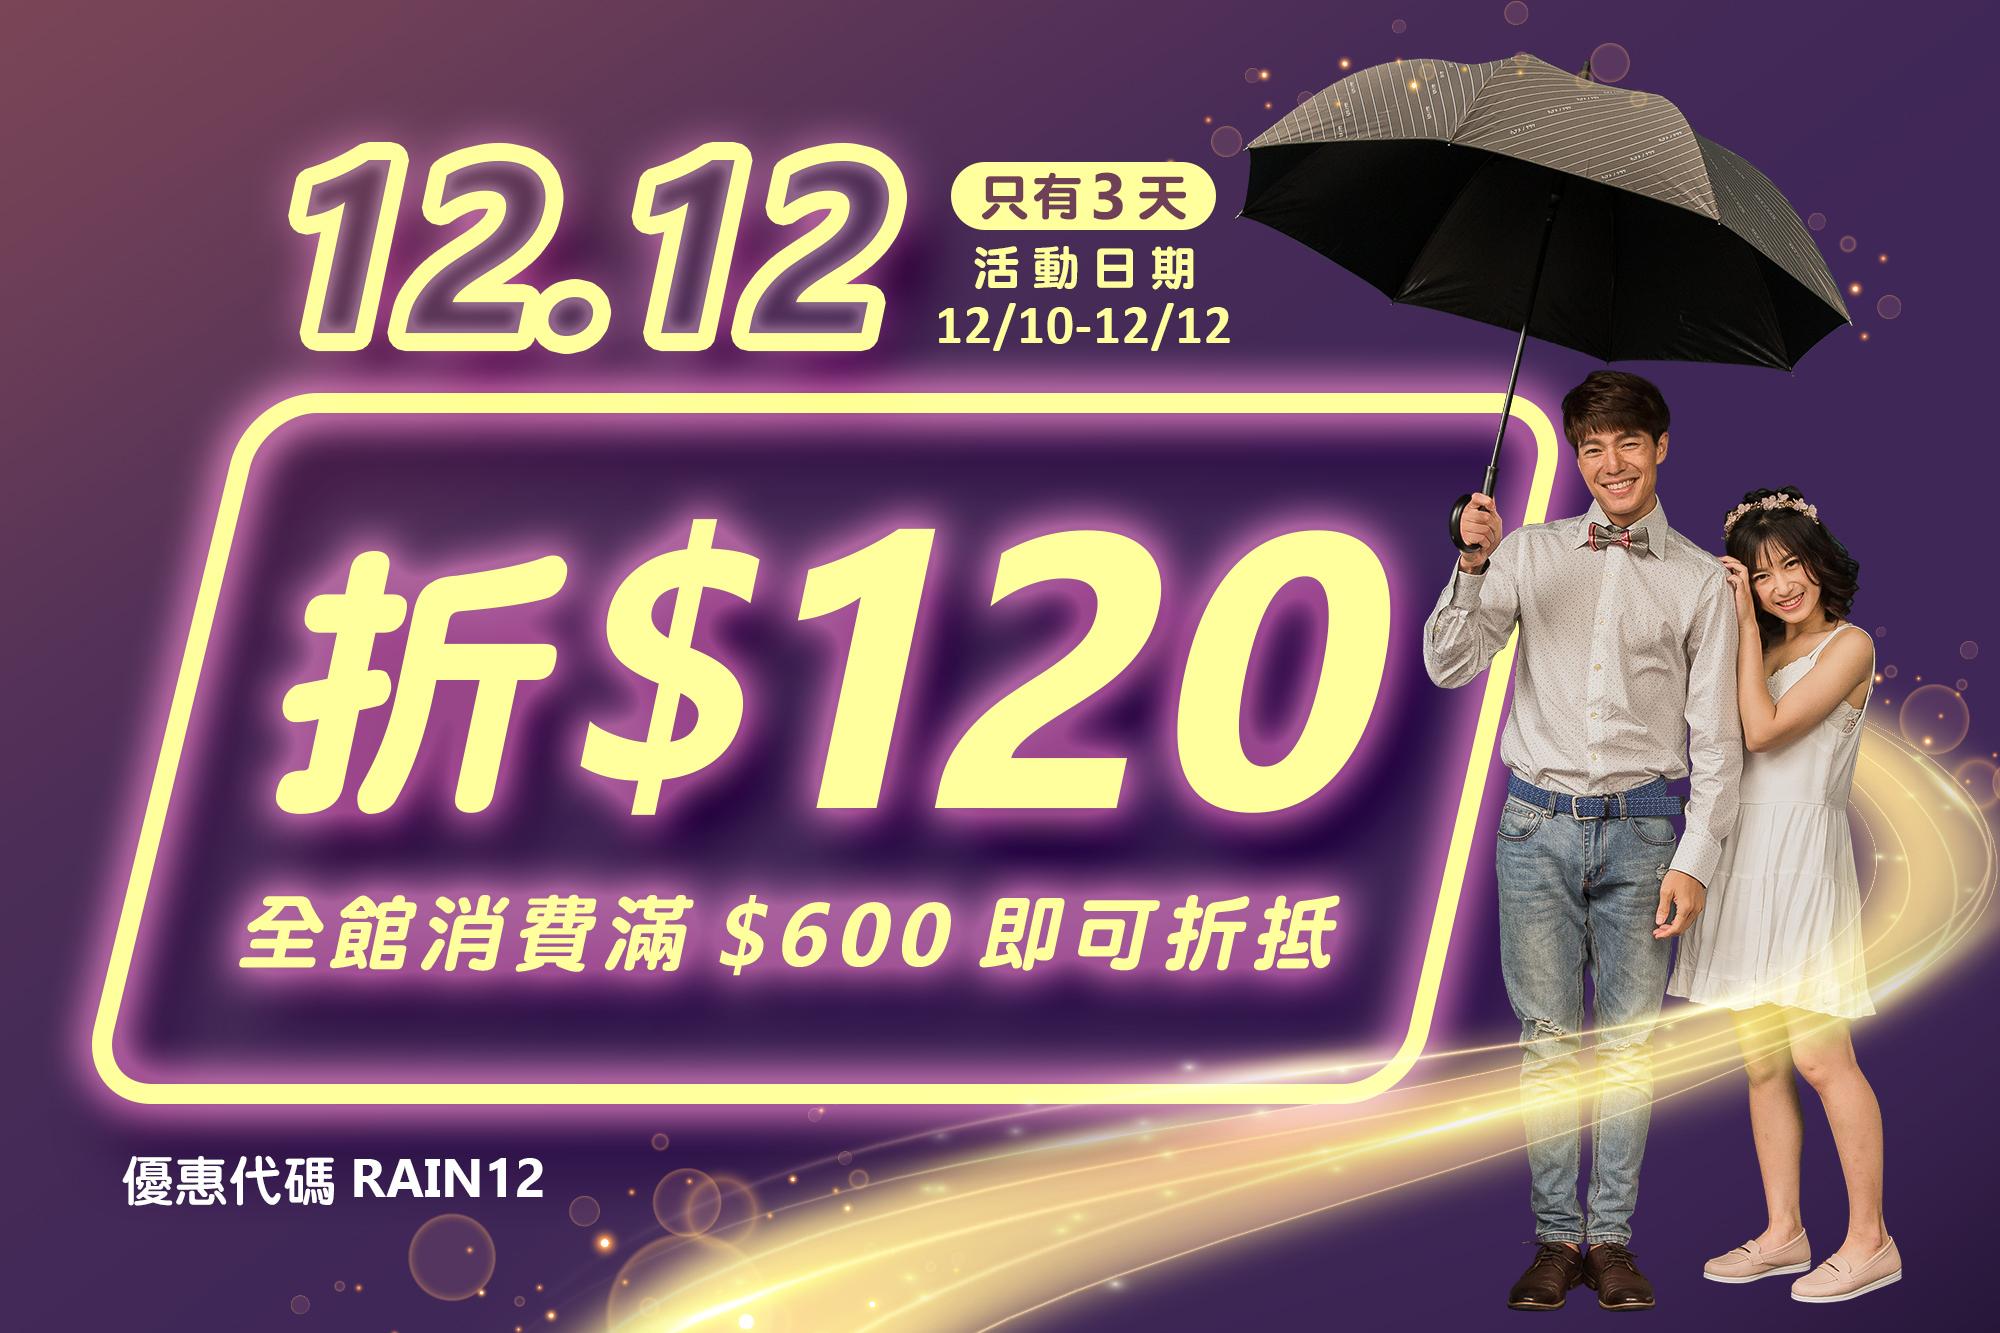 雙12歡慶~雨之情全館雨傘雨衣滿600現折1200元~